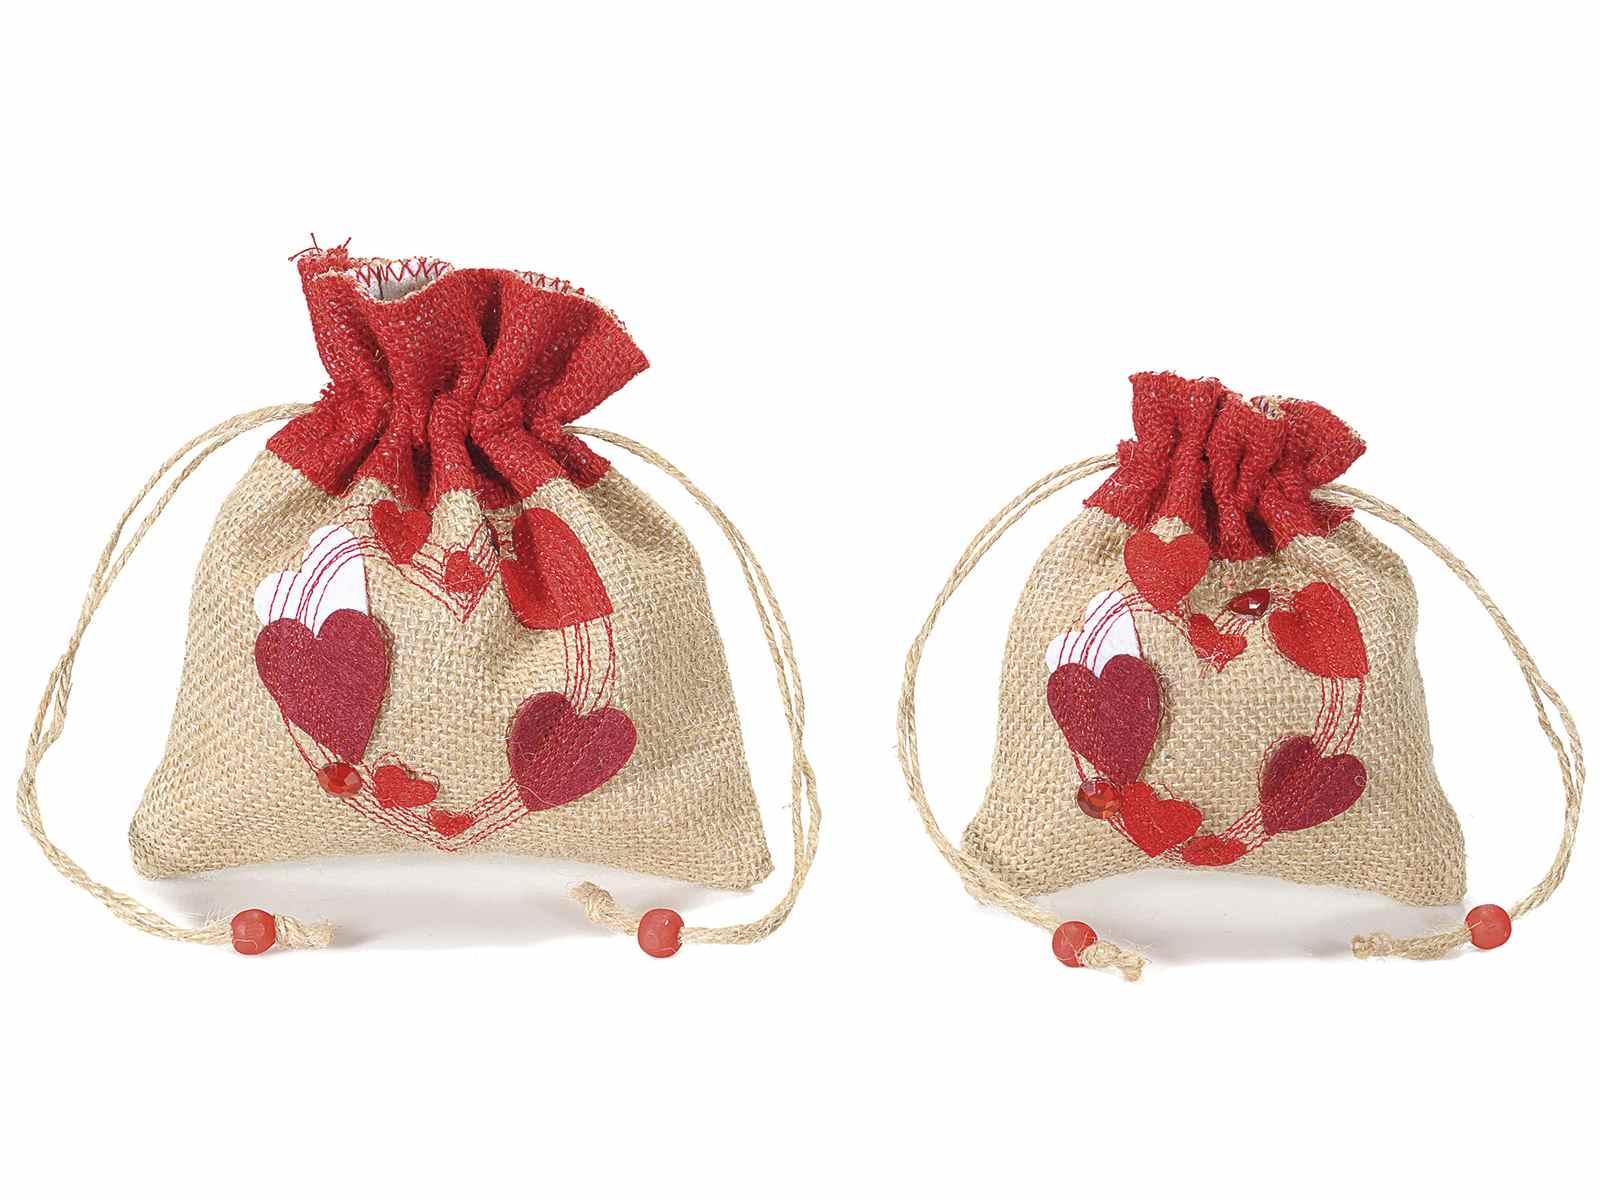 fa61f3571 Set 2 saquitos de yute con corazones decorativos (58.04.07) - Art ...